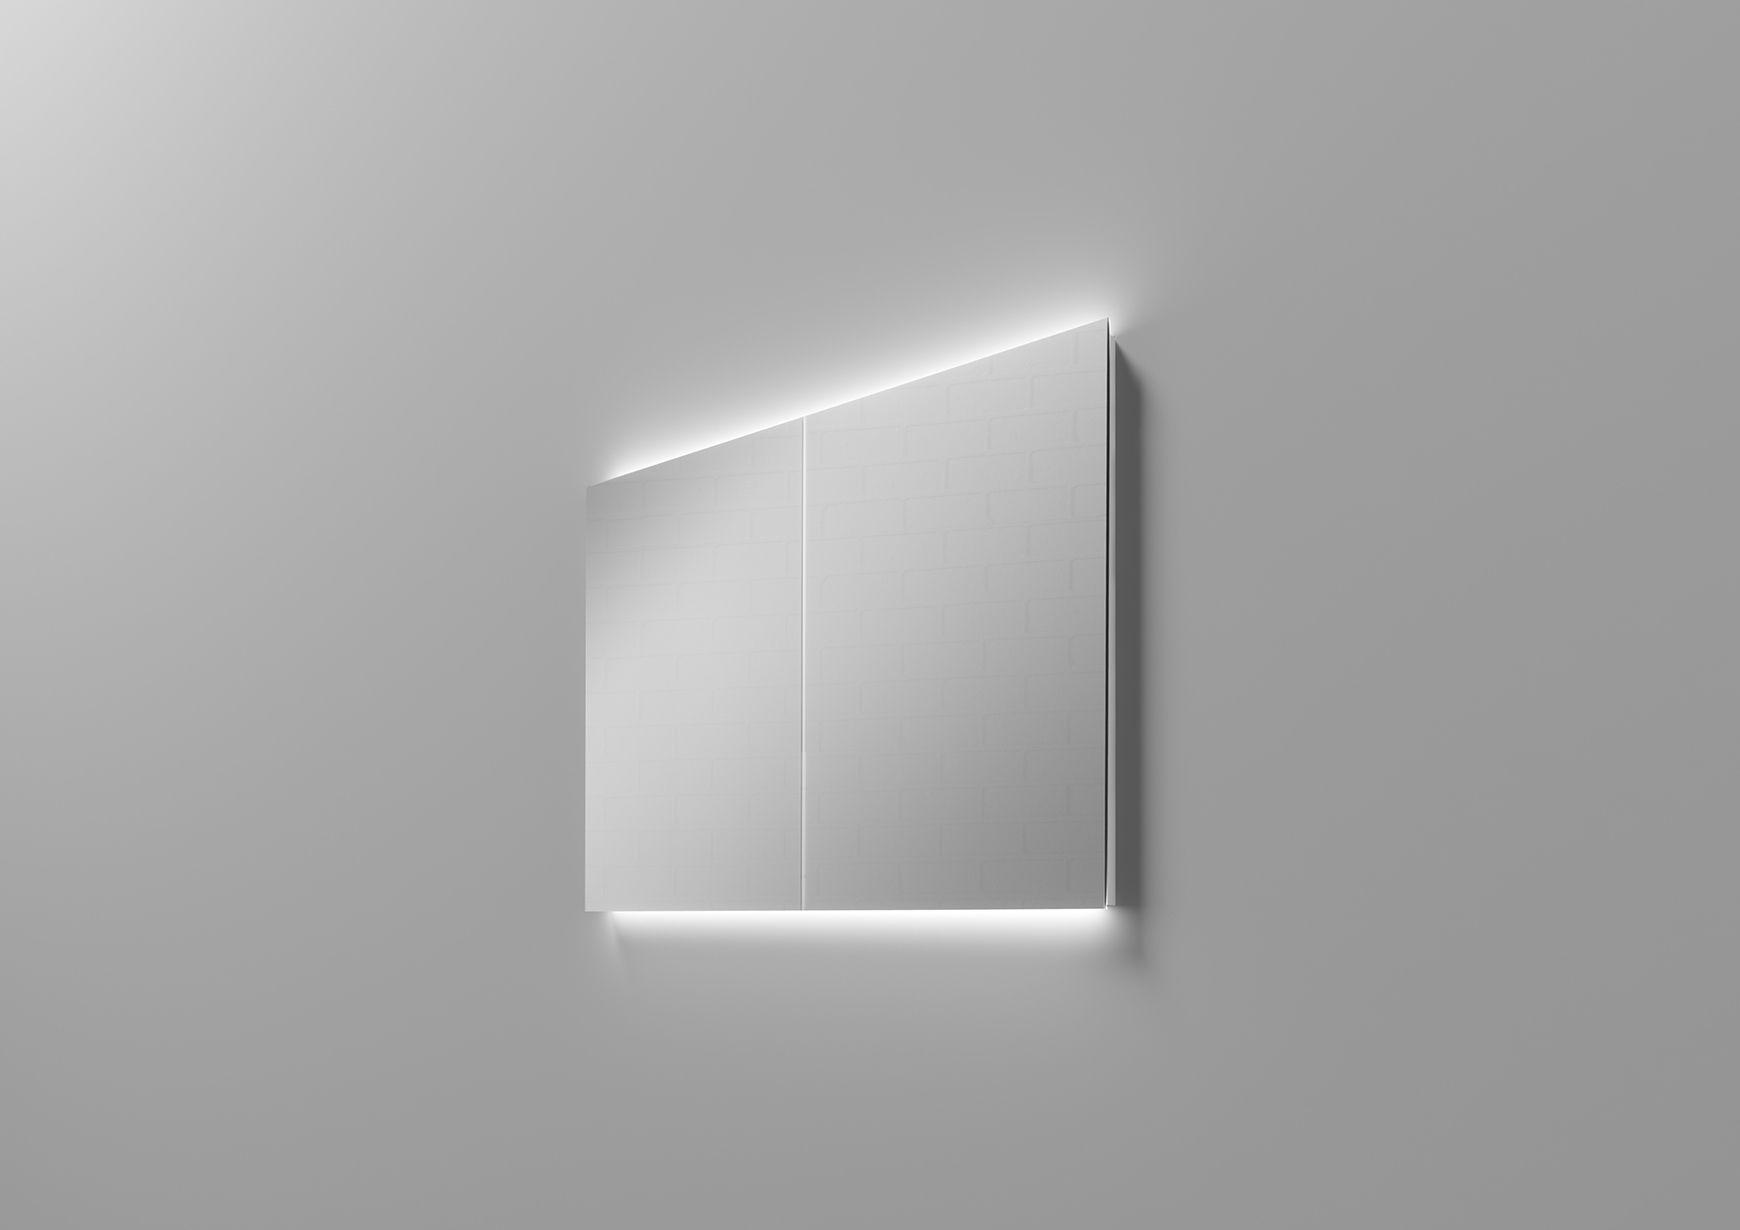 Ungewohnlicher Spiegelschrank Zur Verschonerung Ihrer Wohnkultur In 2020 Led Aufbauleuchte Led Wand Spiegel